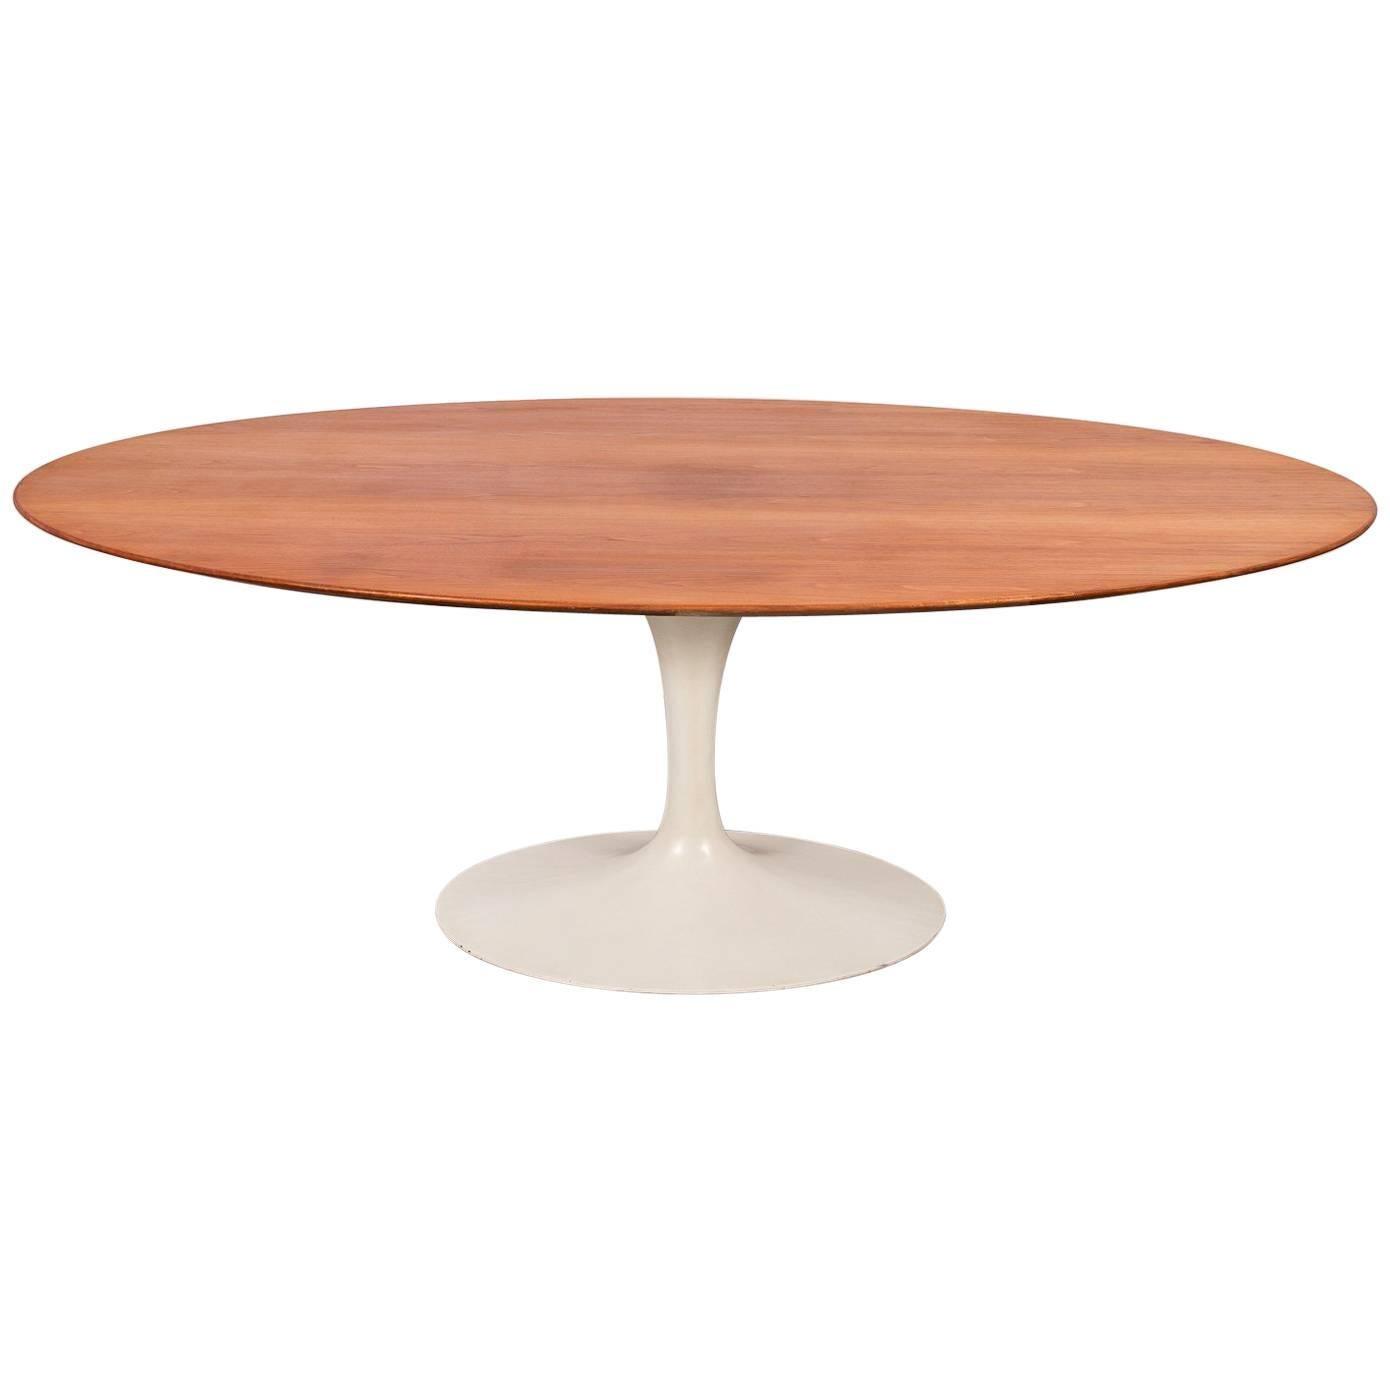 Eero Saarinen Tables 90 For Sale at 1stdibs